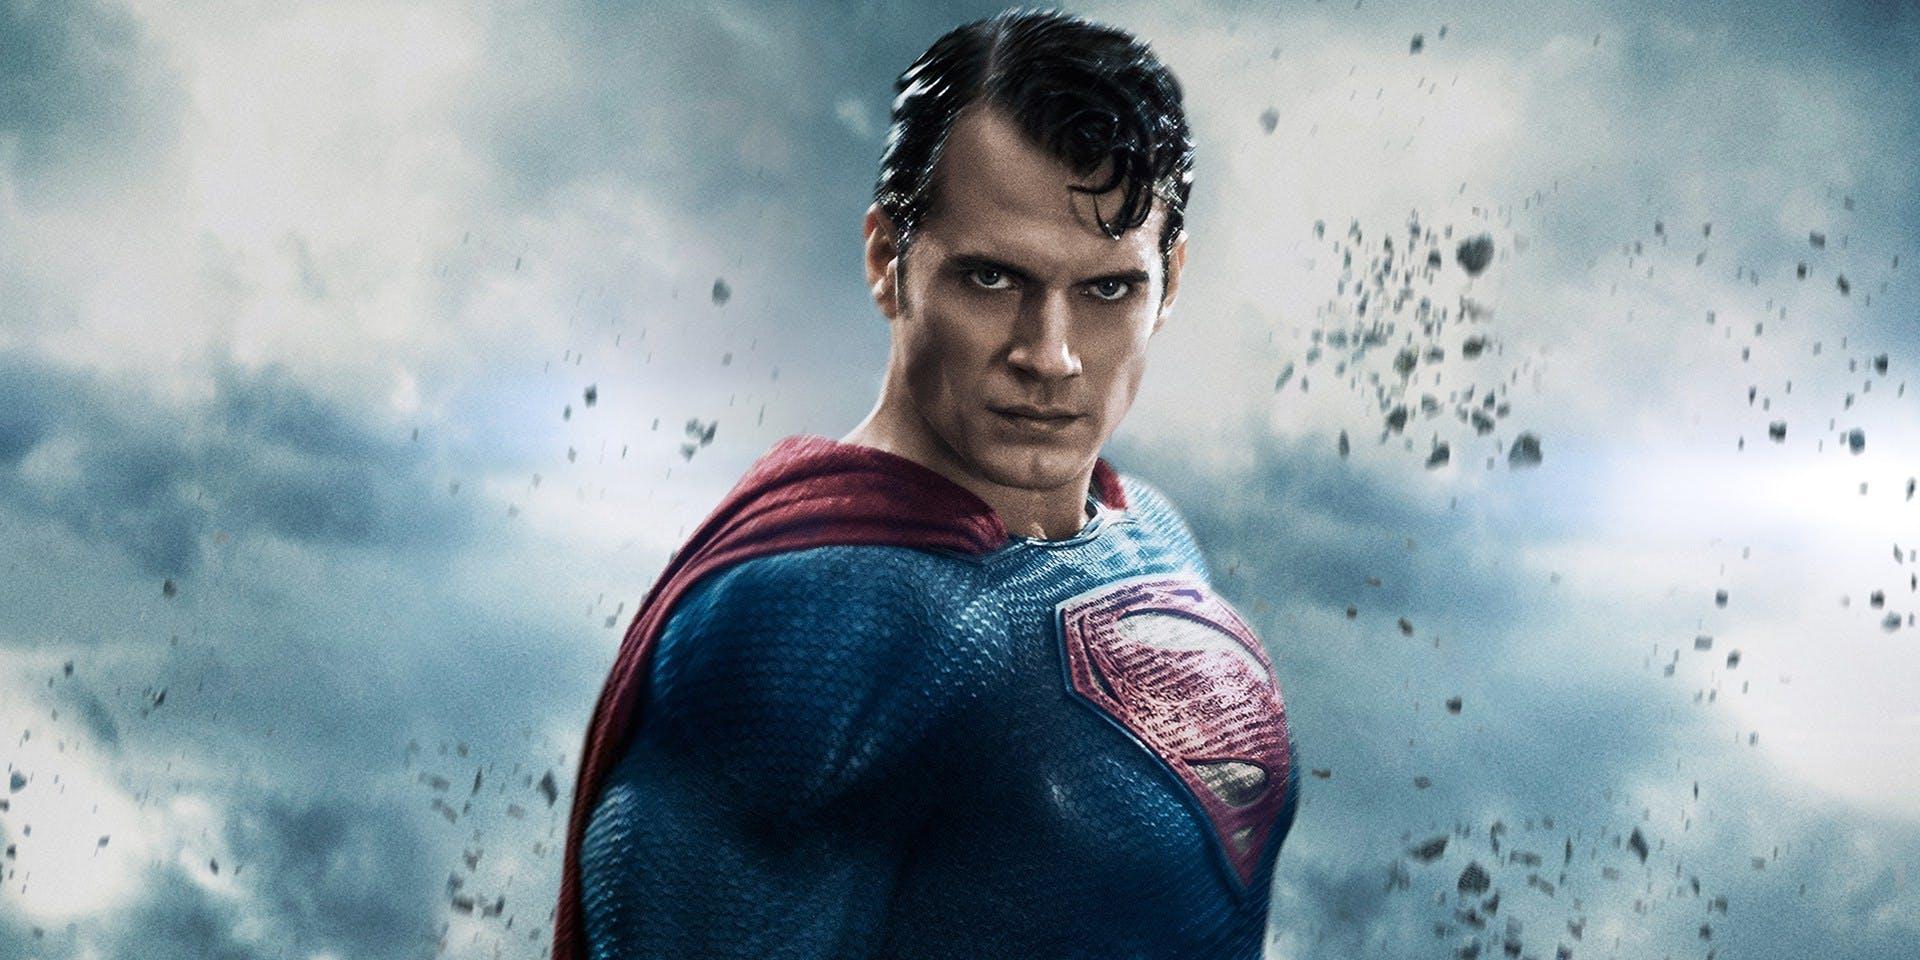 Batman-V-Superman-Henry-Cavill-Poster.jpg